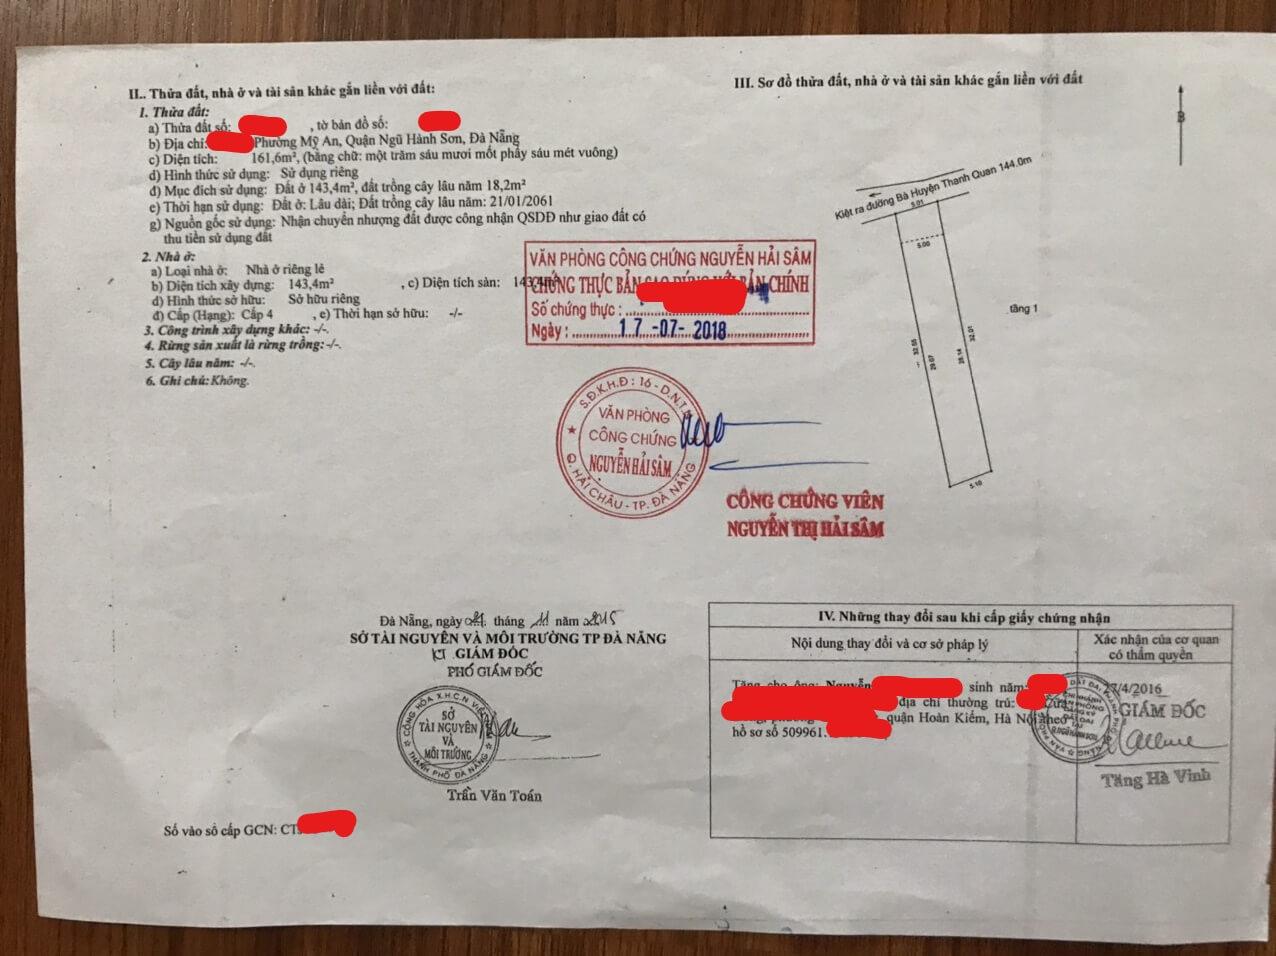 đất kiệt đường Bà Huyện Thanh Quan - Ngũ Hành Sơn - Đà Nẵng